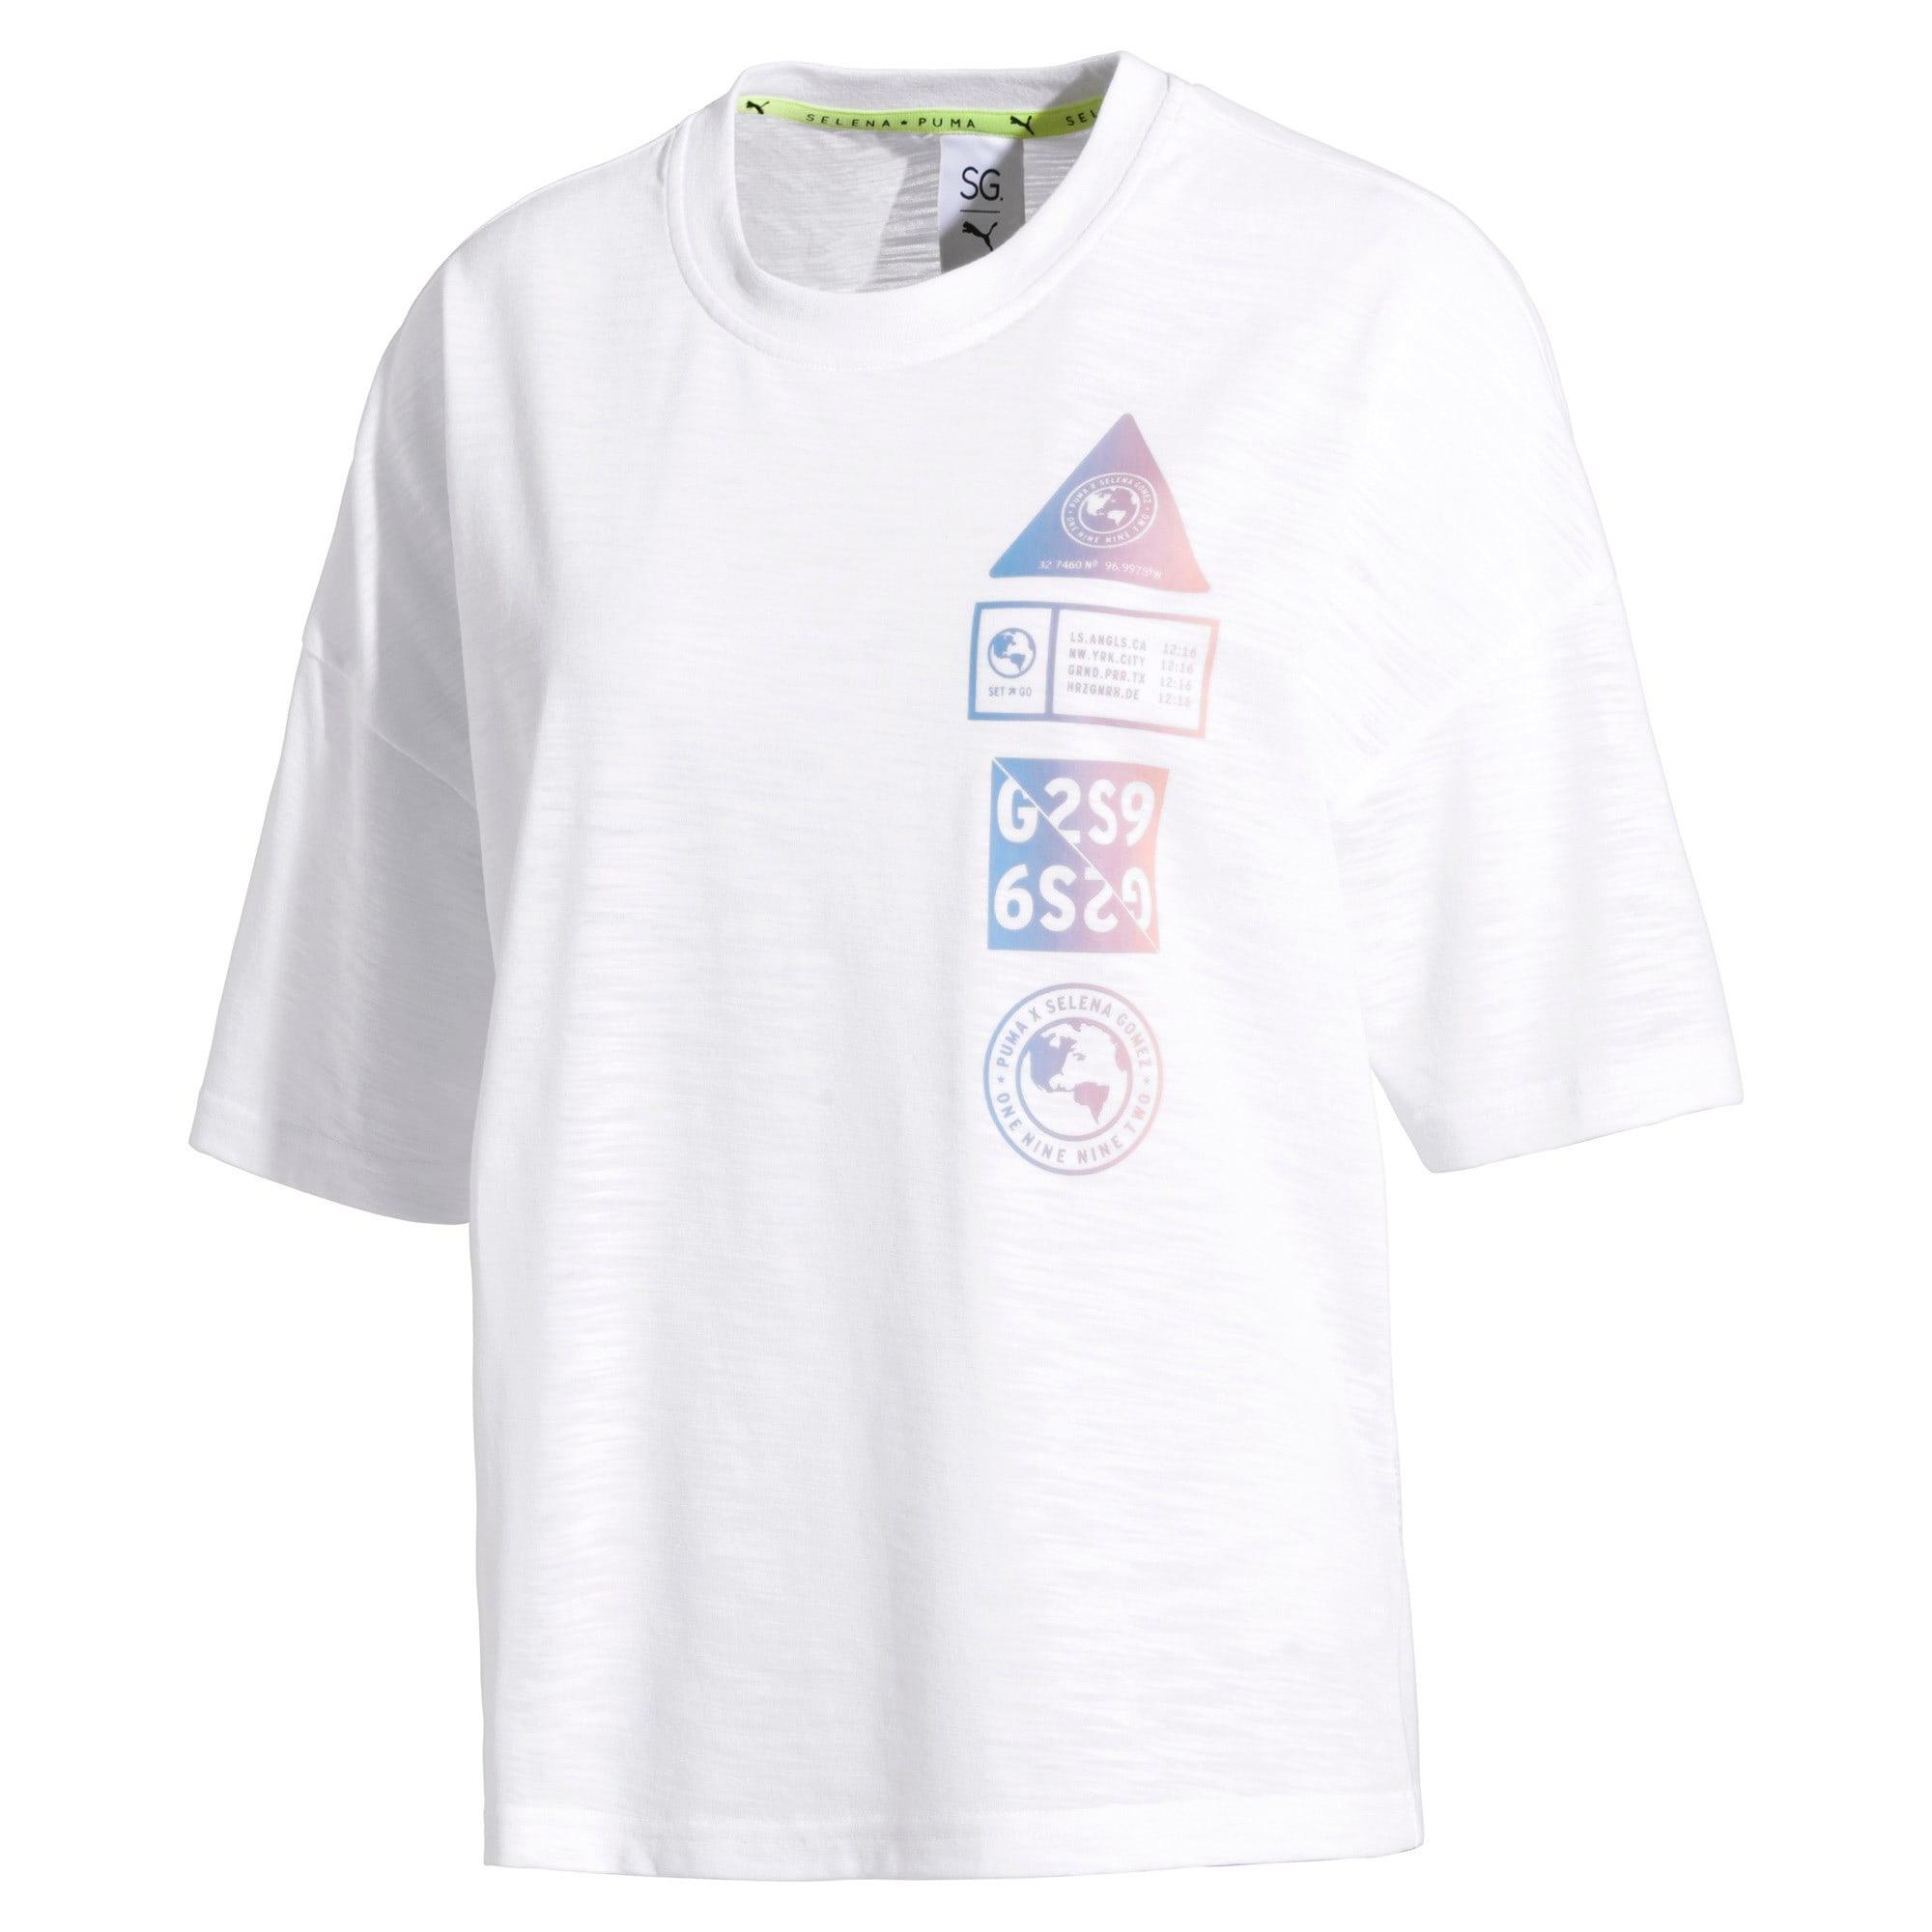 buty temperamentu przystojny klasyczny styl Damska koszulka PUMA x SELENA GOMEZ